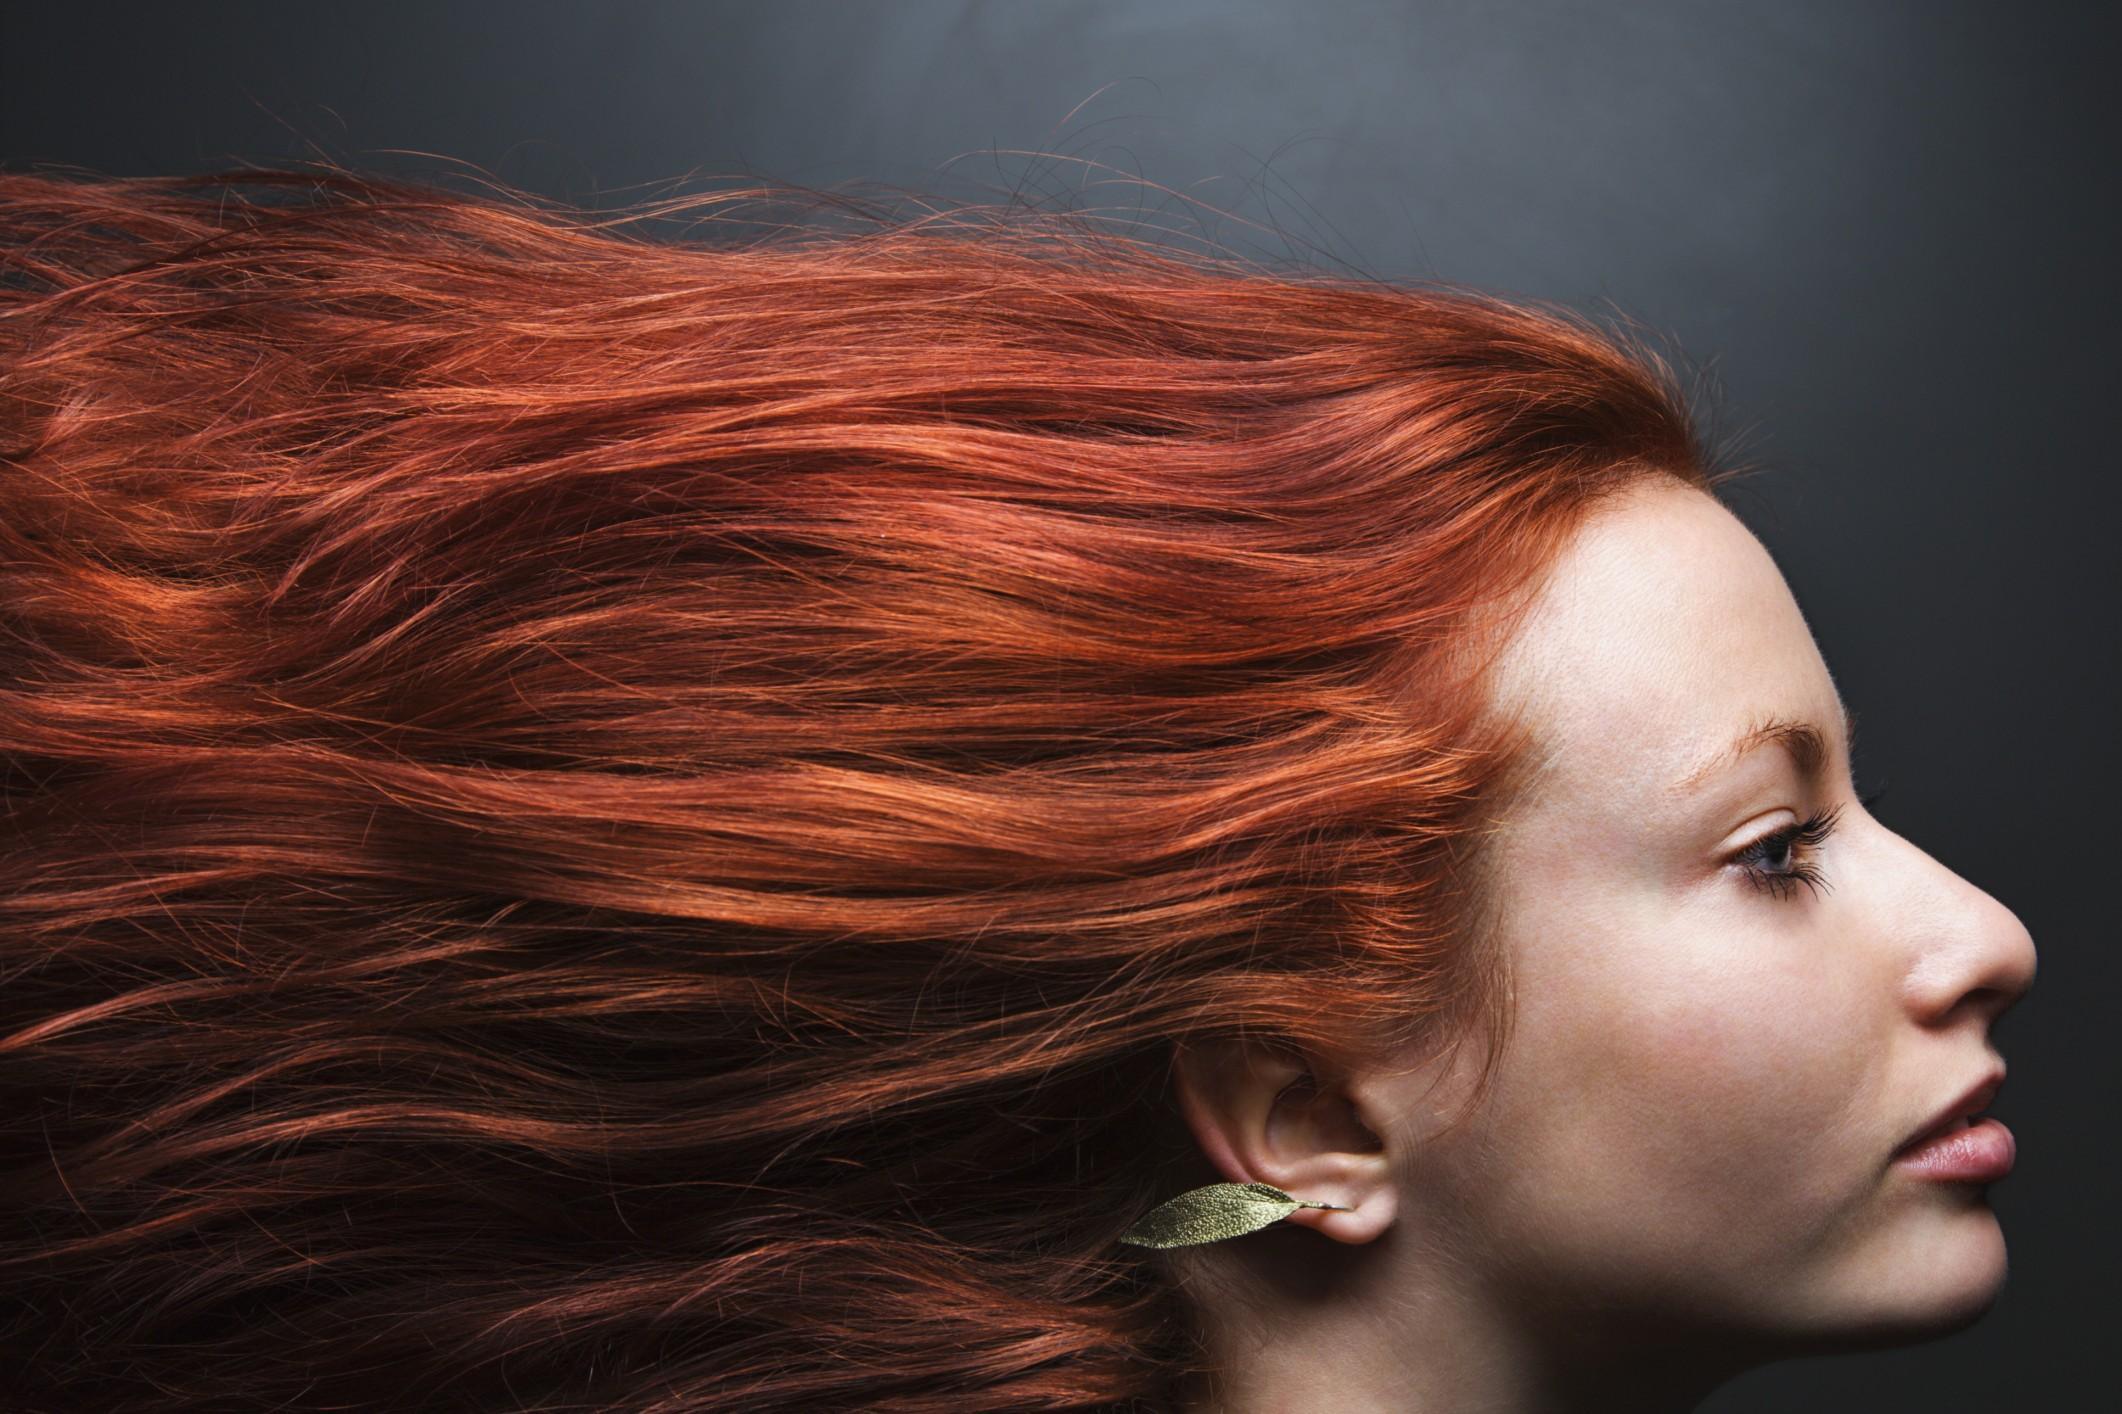 Маска для волос из кокосового масла и эфирных масел